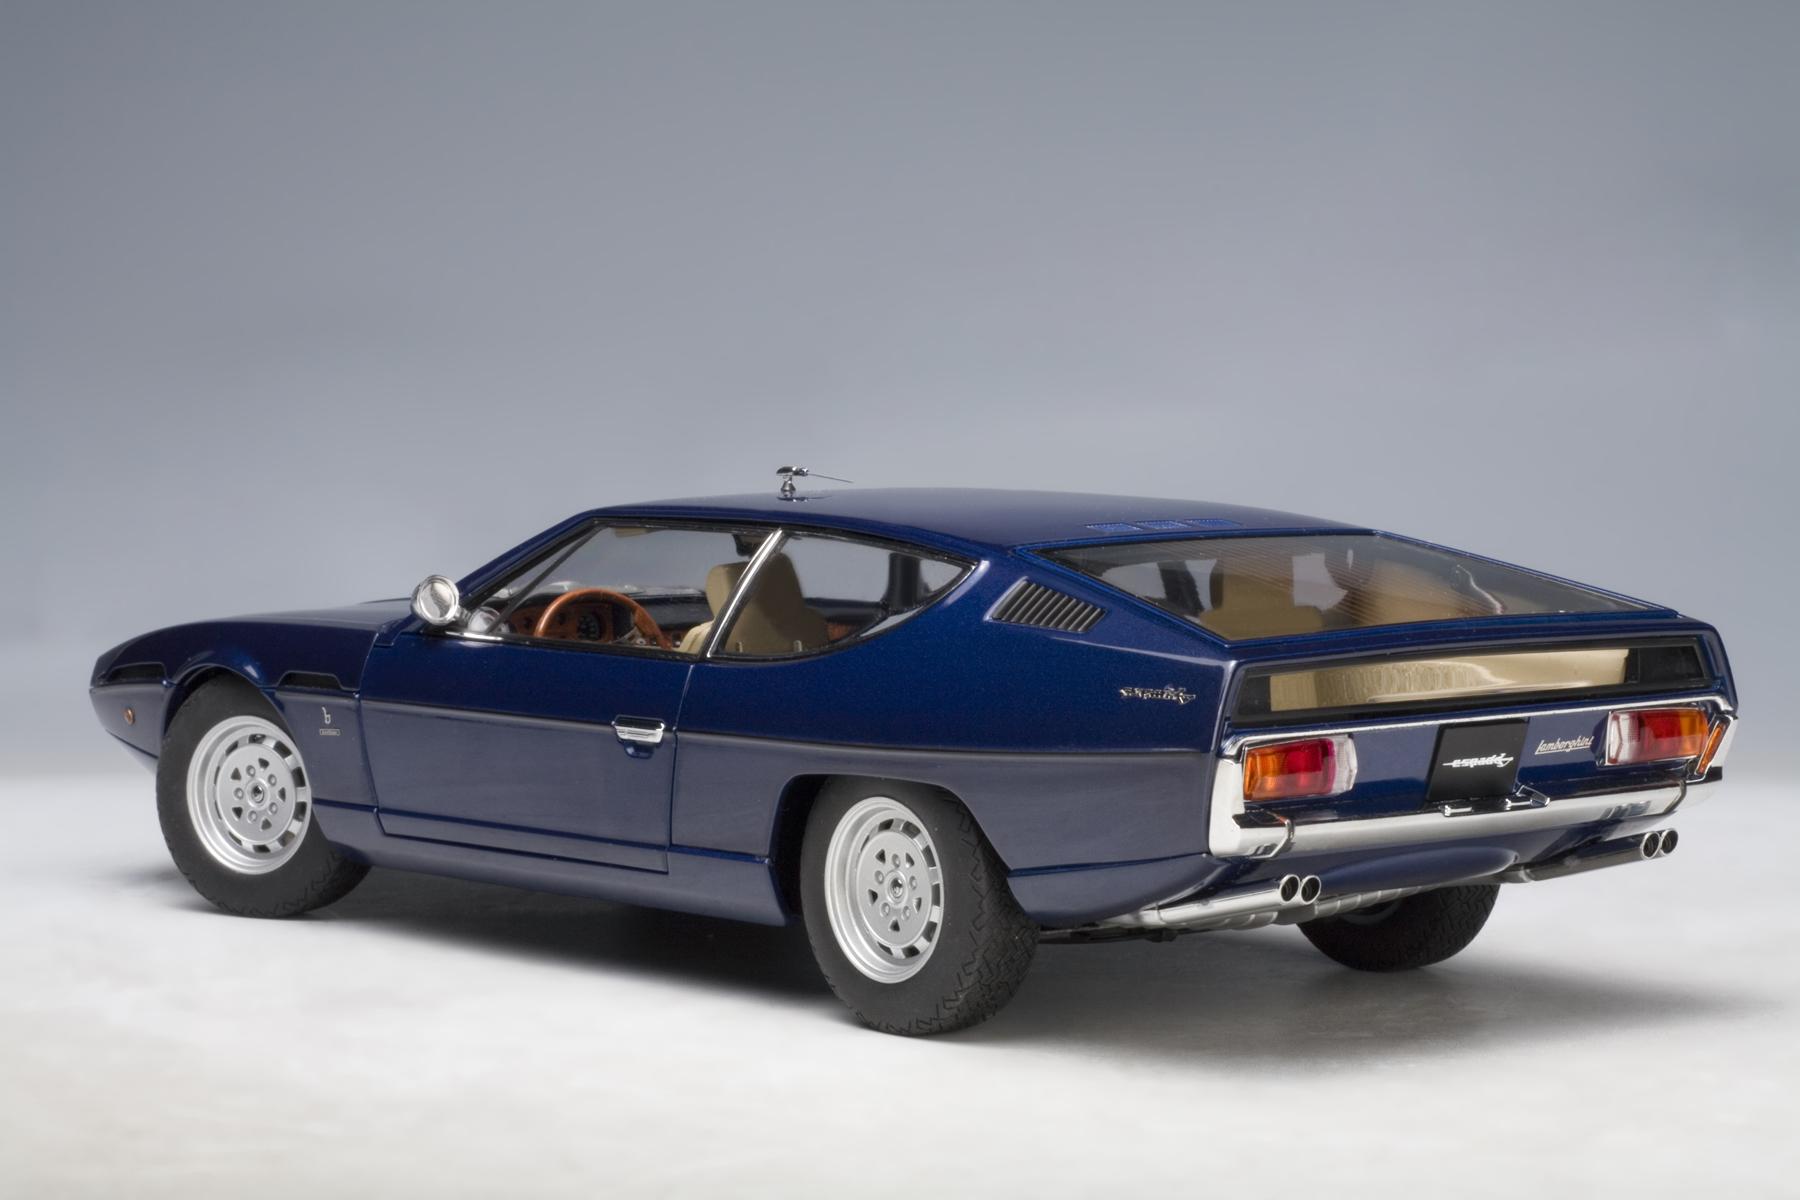 Lamborghini Espada Backgrounds, Compatible - PC, Mobile, Gadgets| 1800x1200 px